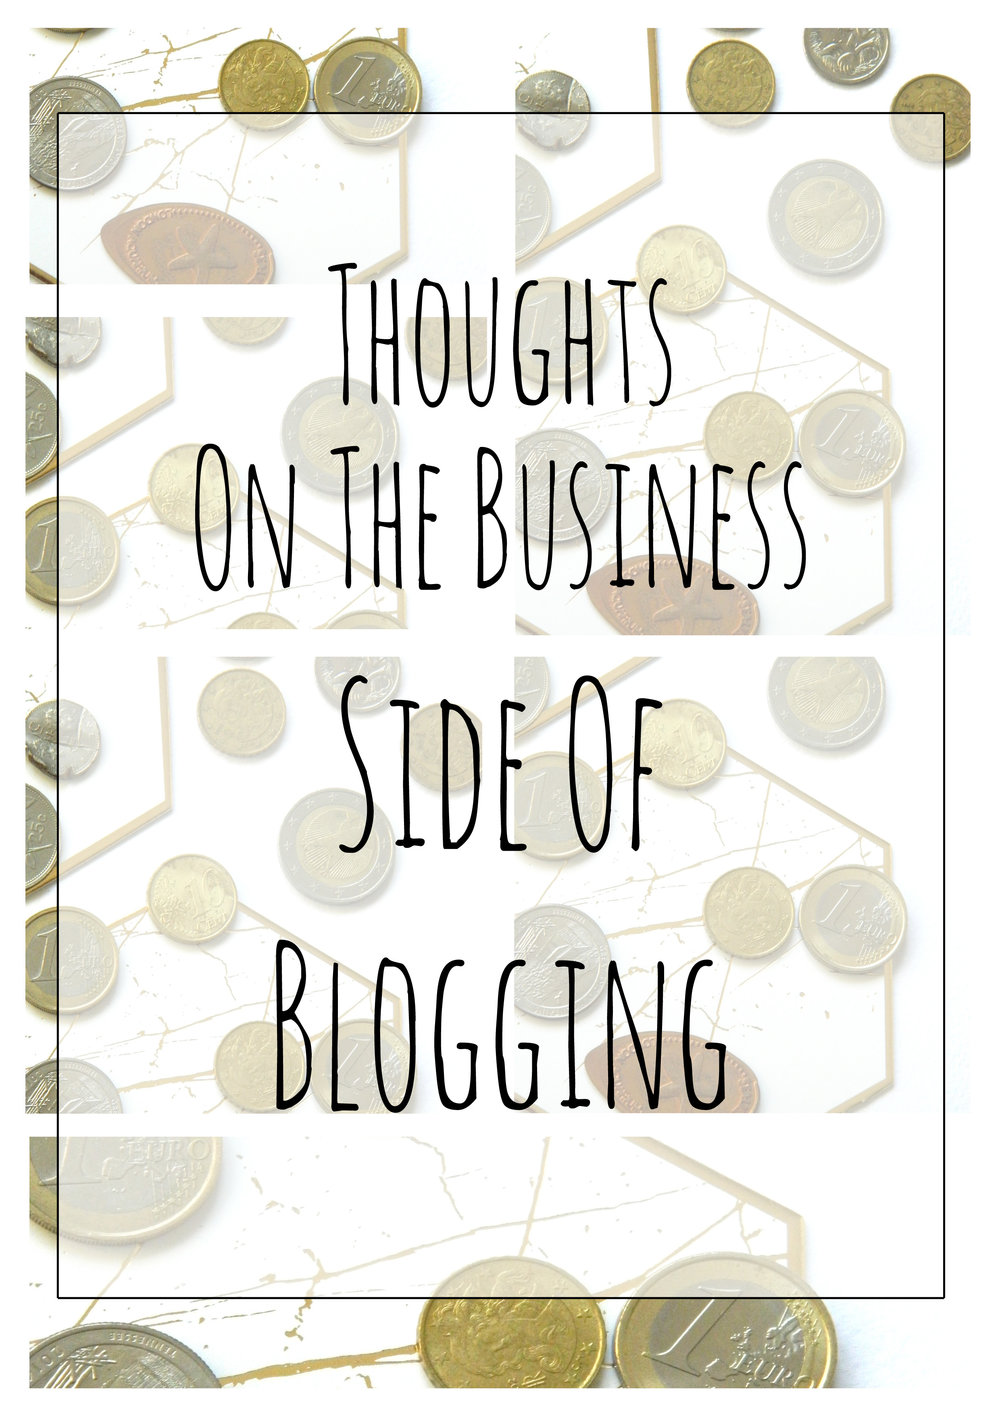 businessblogging.jpg